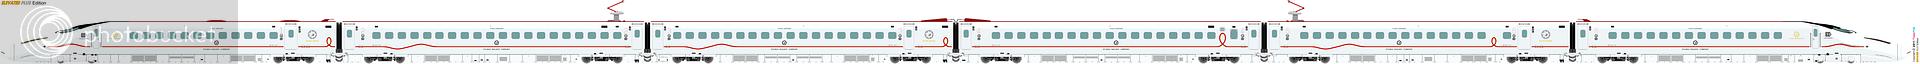 鐵路列車 2282